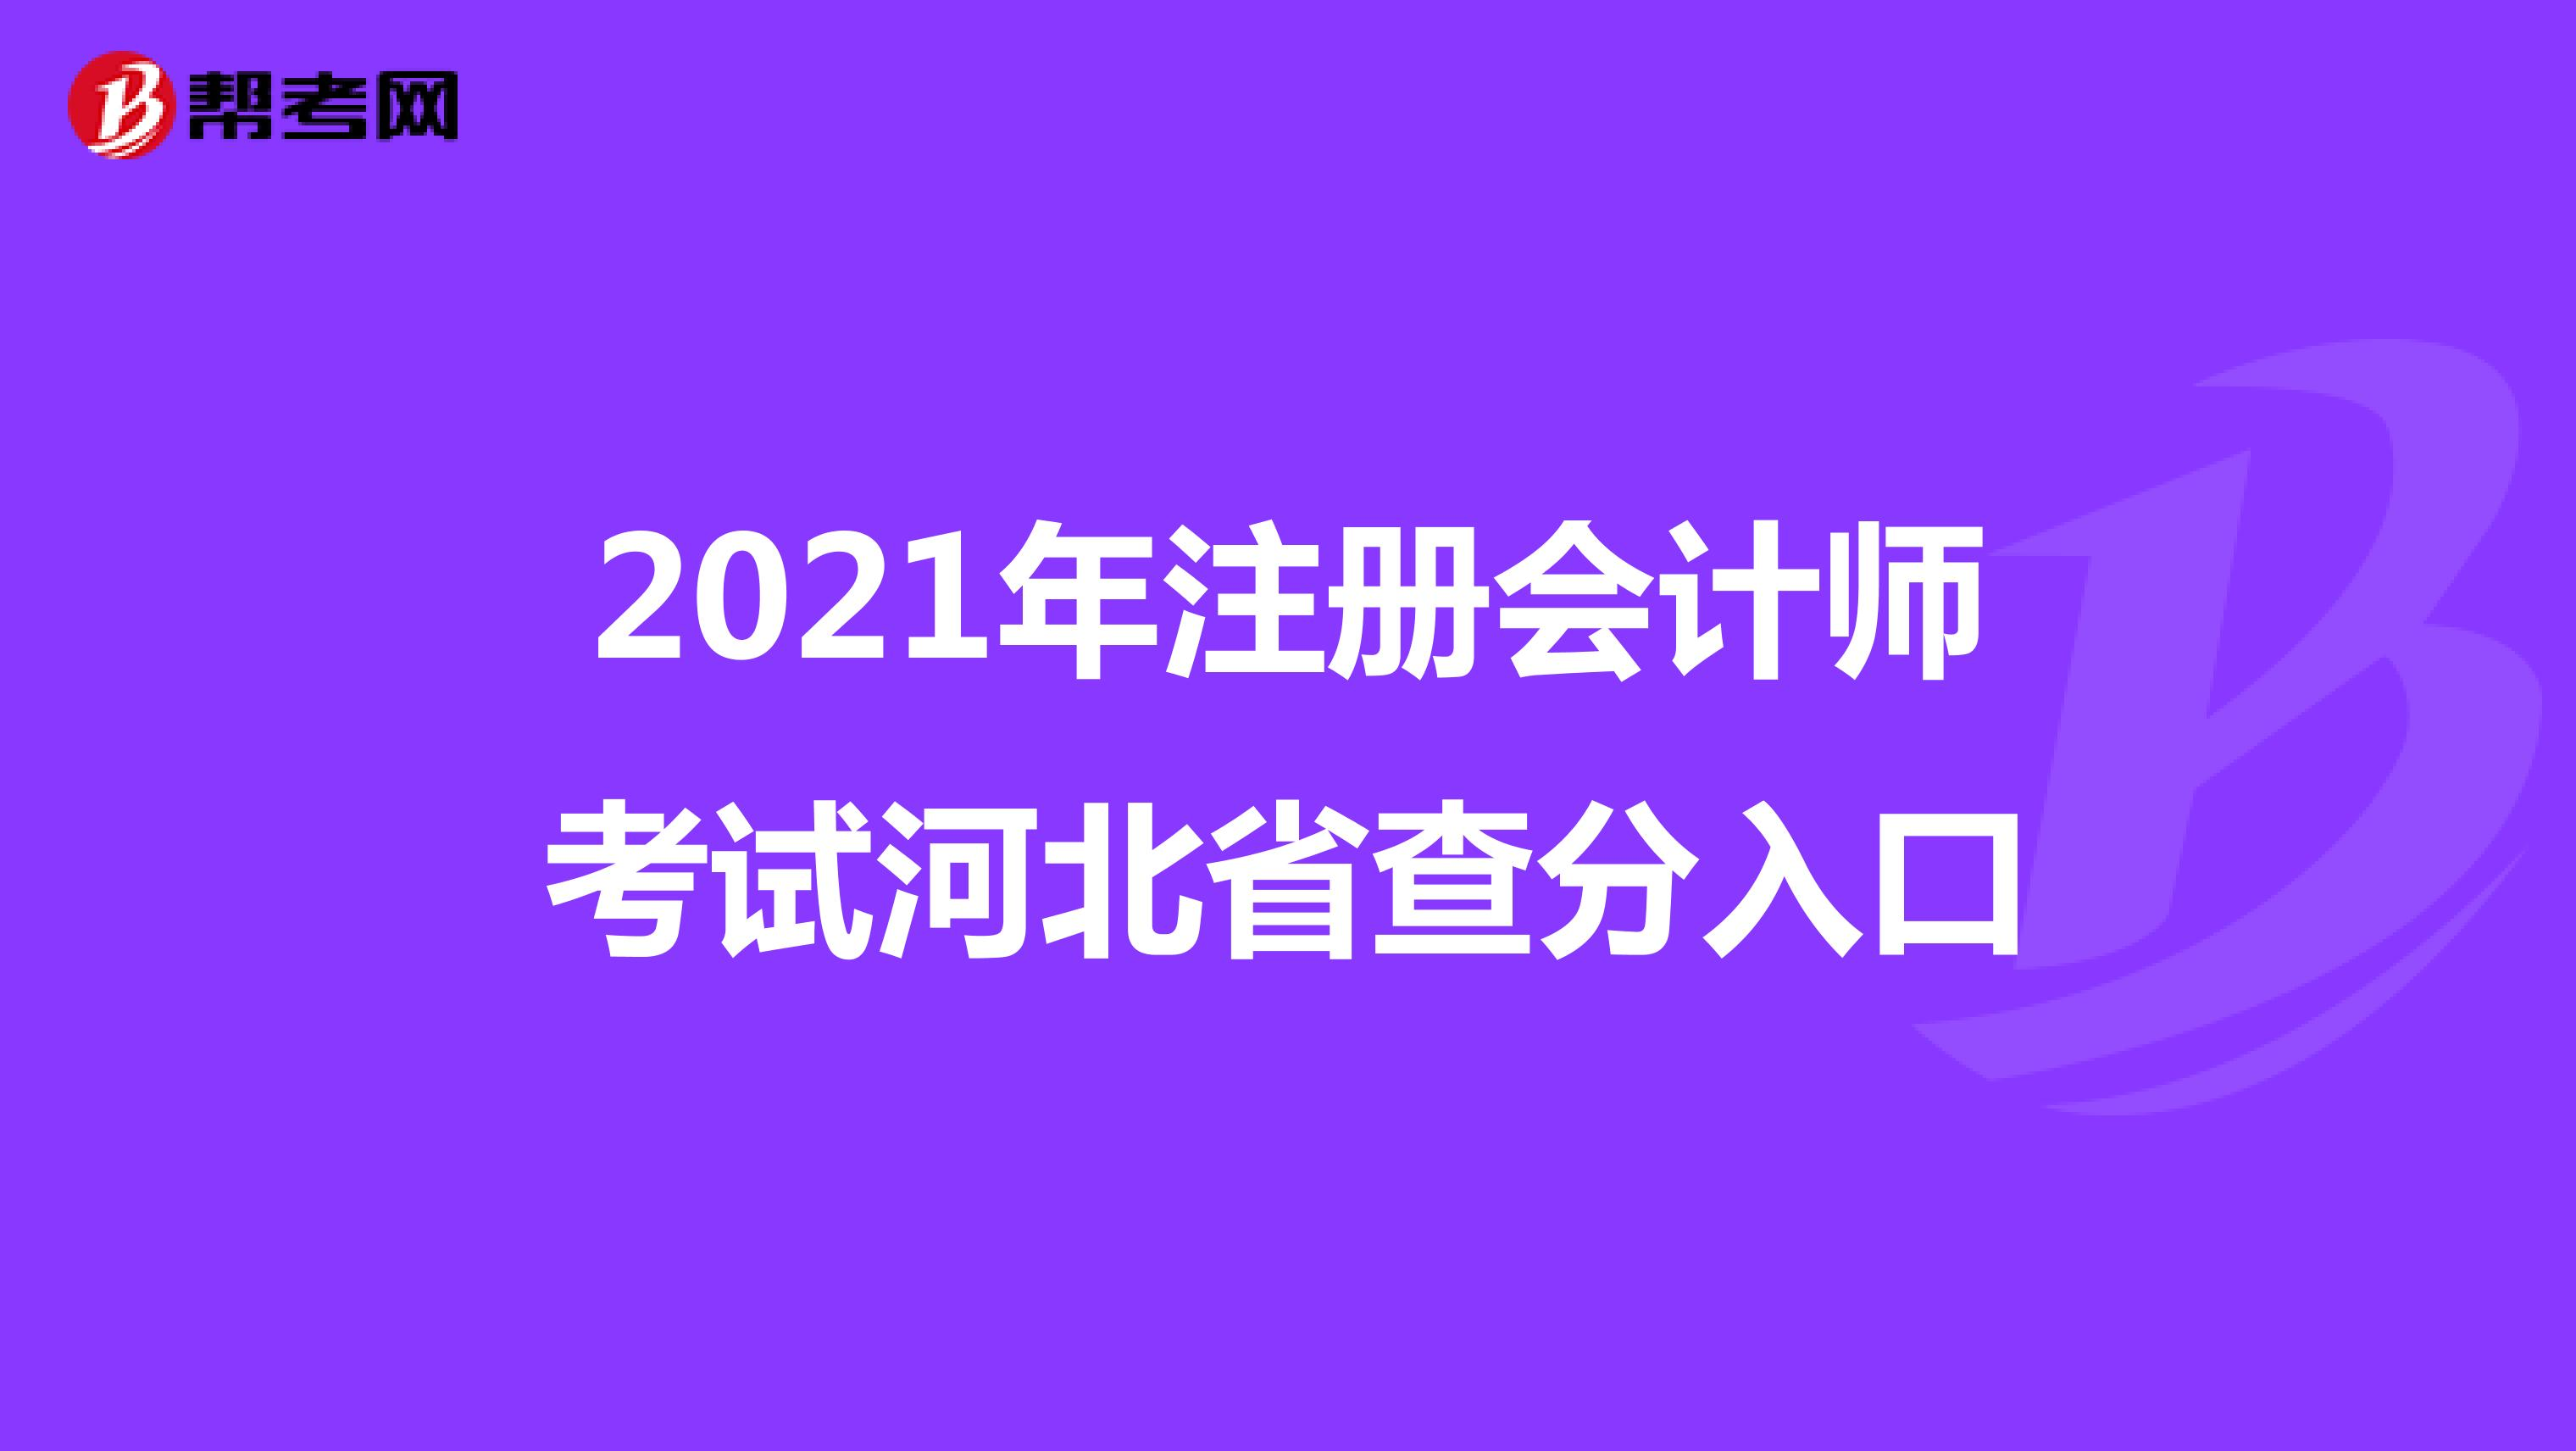 2021年【hot88热竞技提款】注册会计师考试河北省查分入口